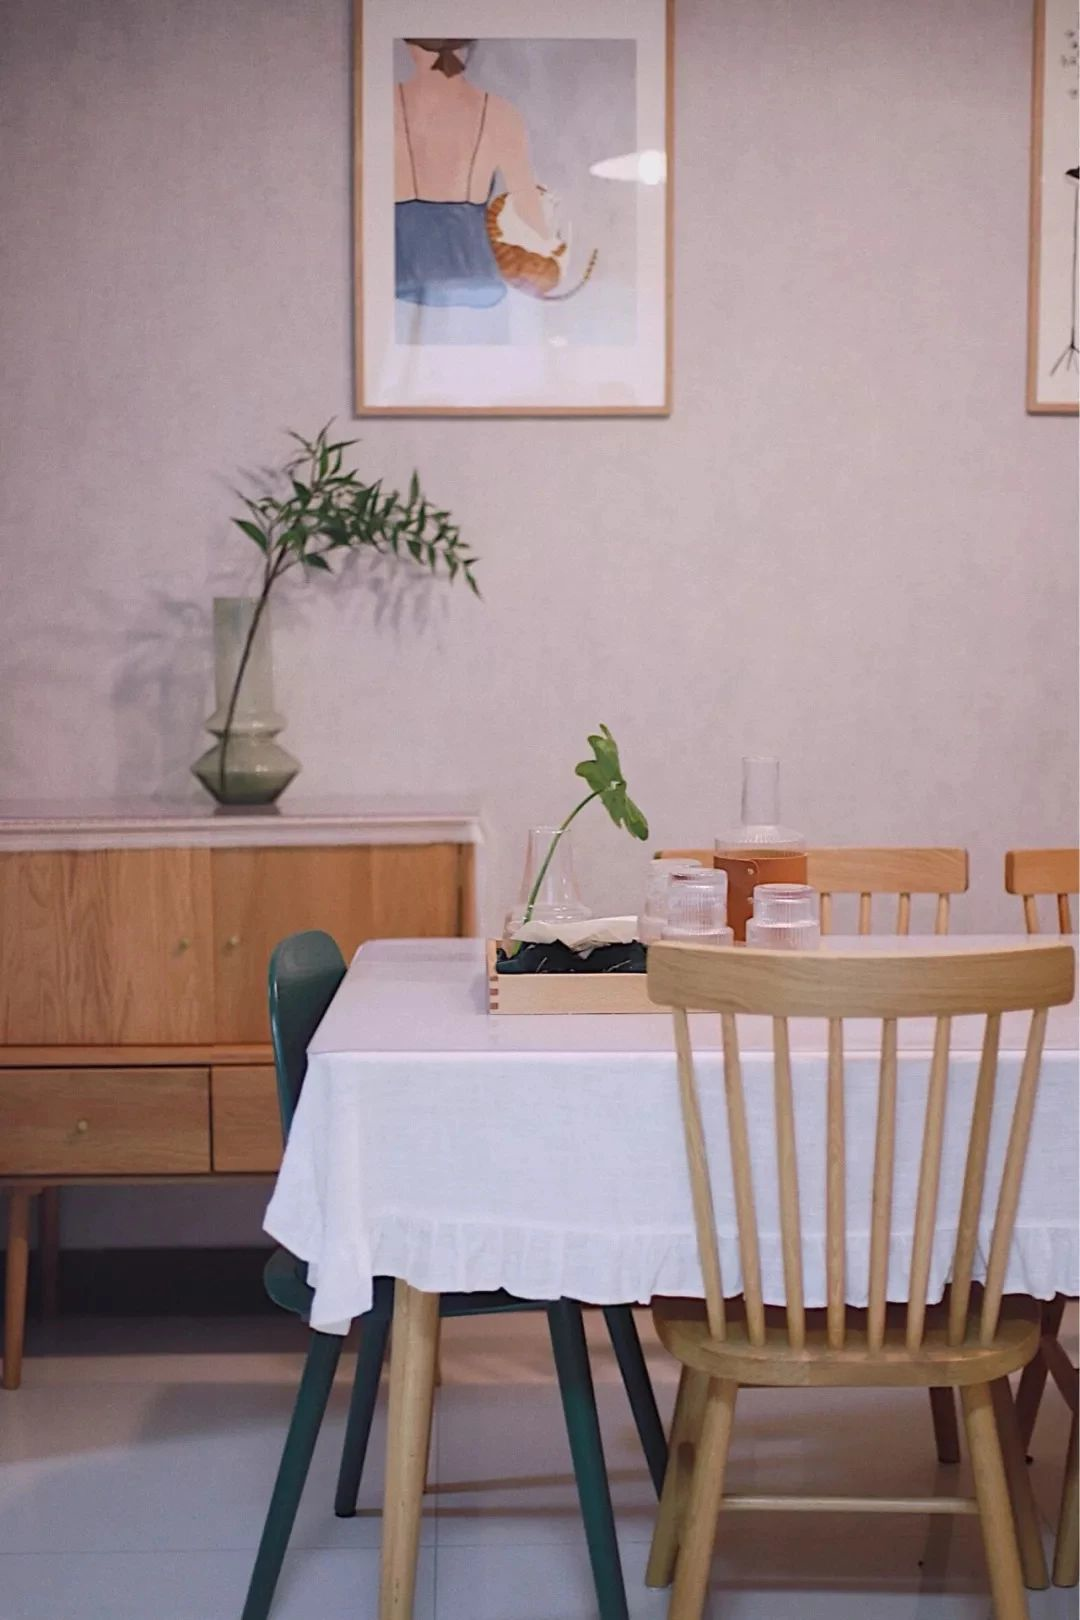 餐厅背景墙,这样挂画好漂亮!